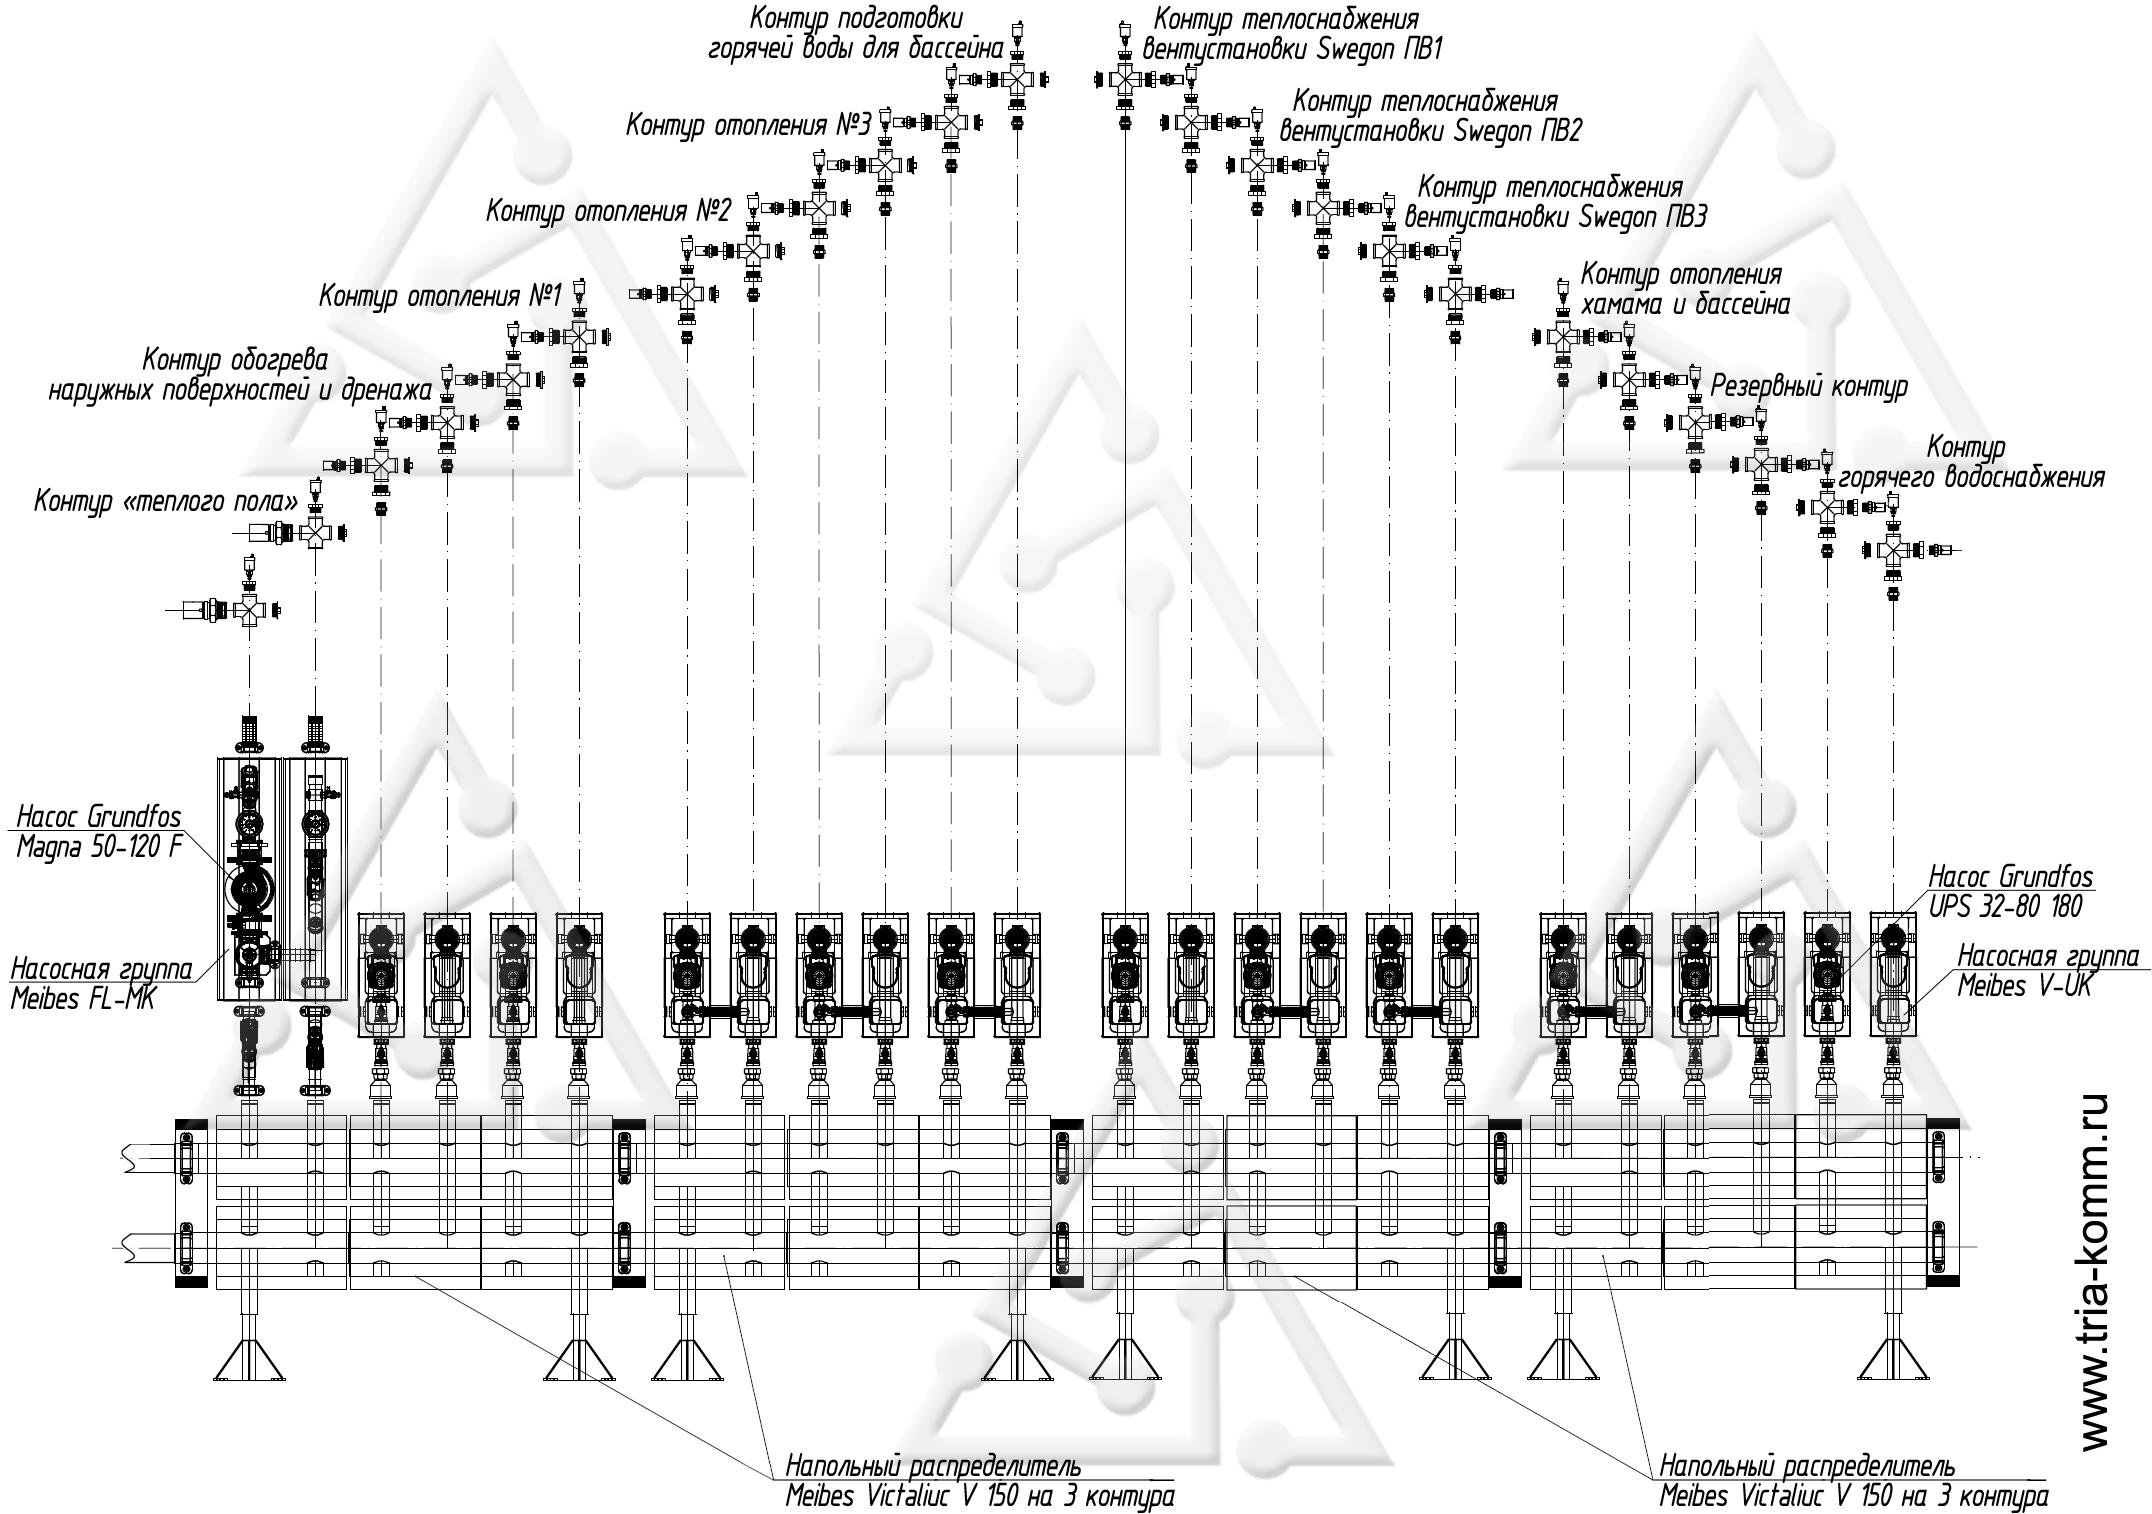 Схема для измерения звука 188